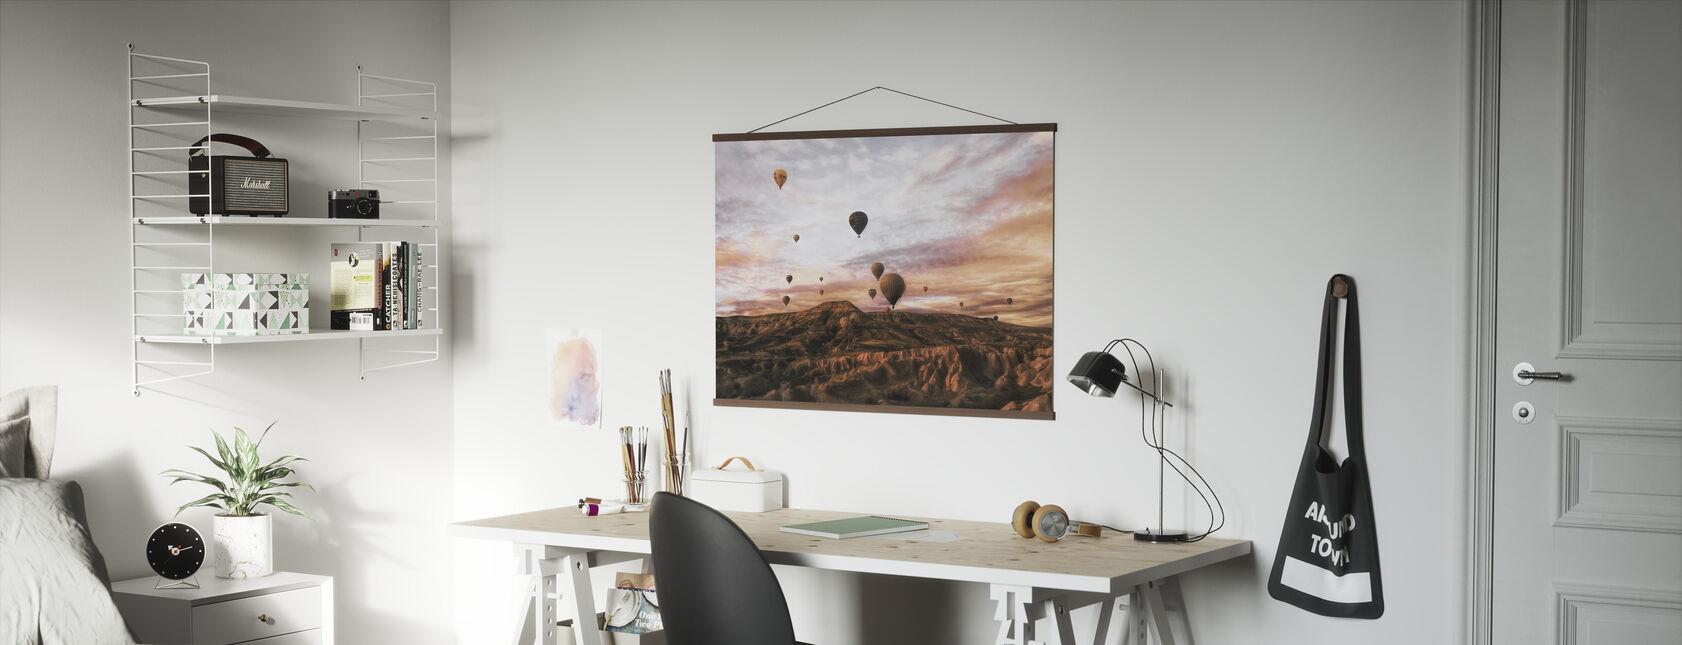 Cappodocia Hete Luchtballon - Poster - Kantoor